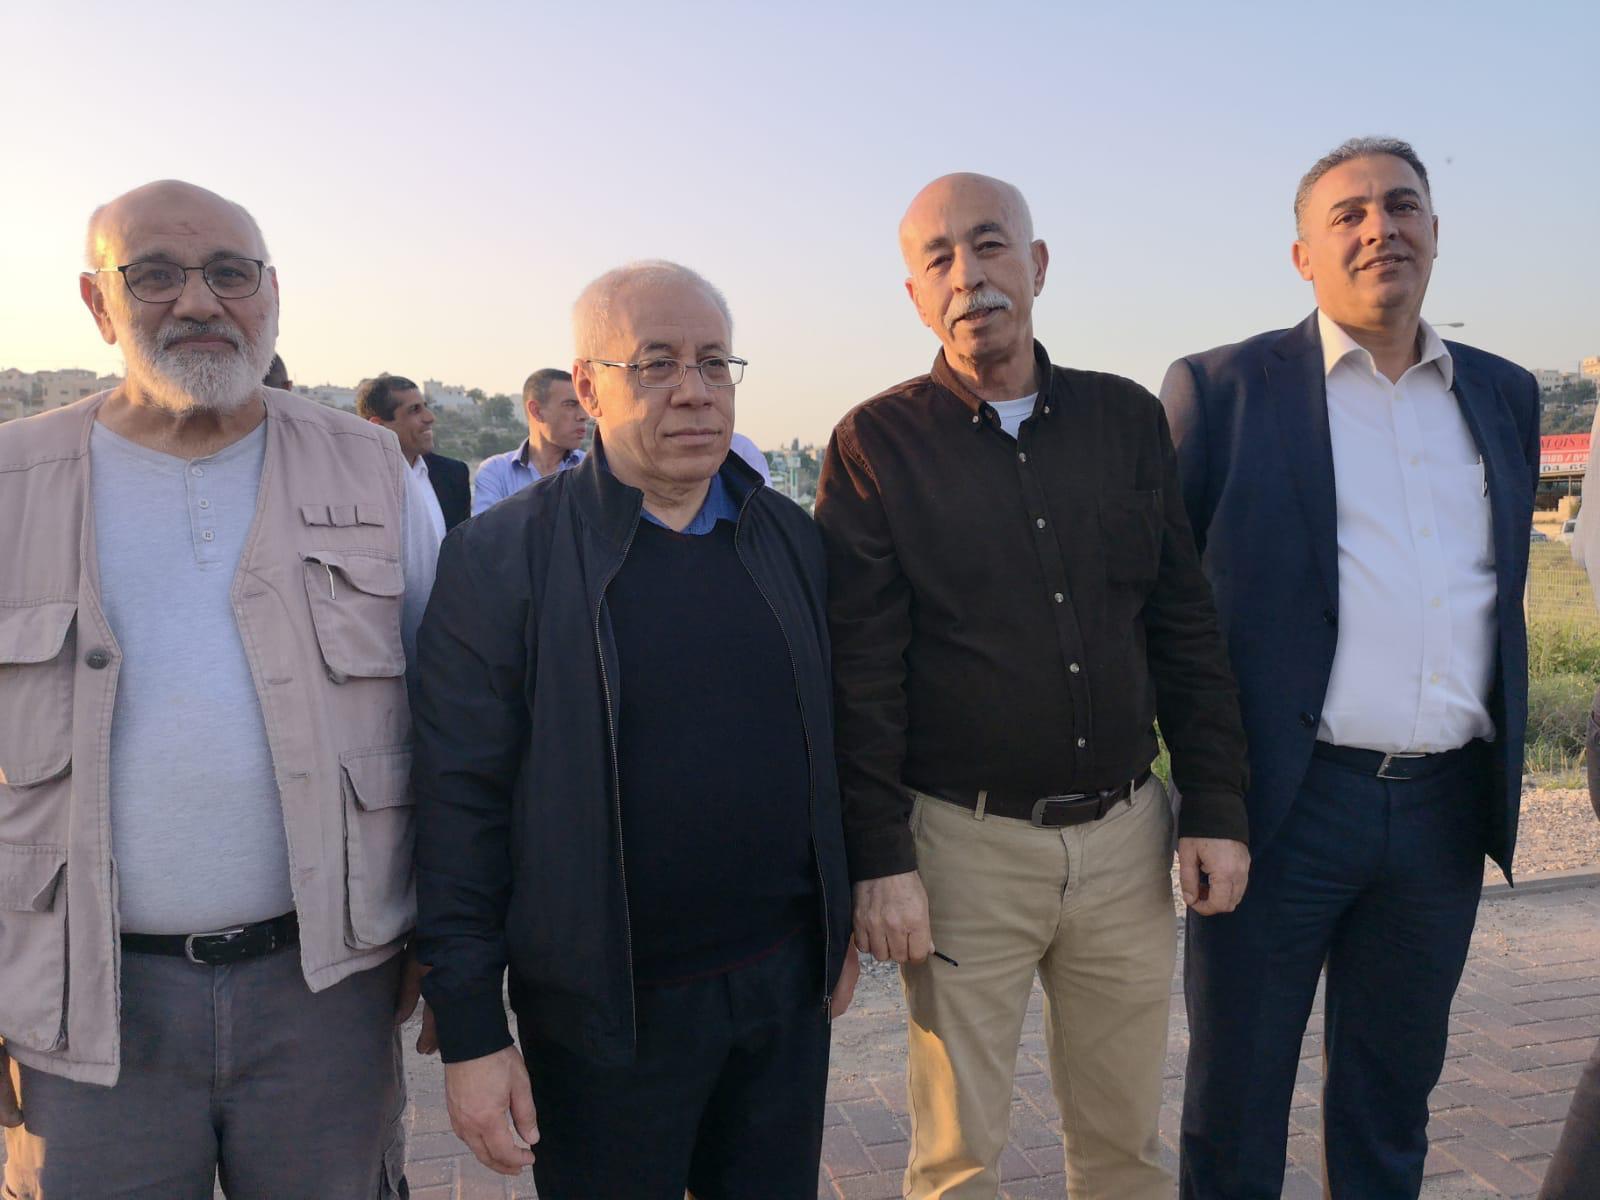 وادي عارة: تظاهرة ضد سياسة الهدم على مدخل كفر قرع